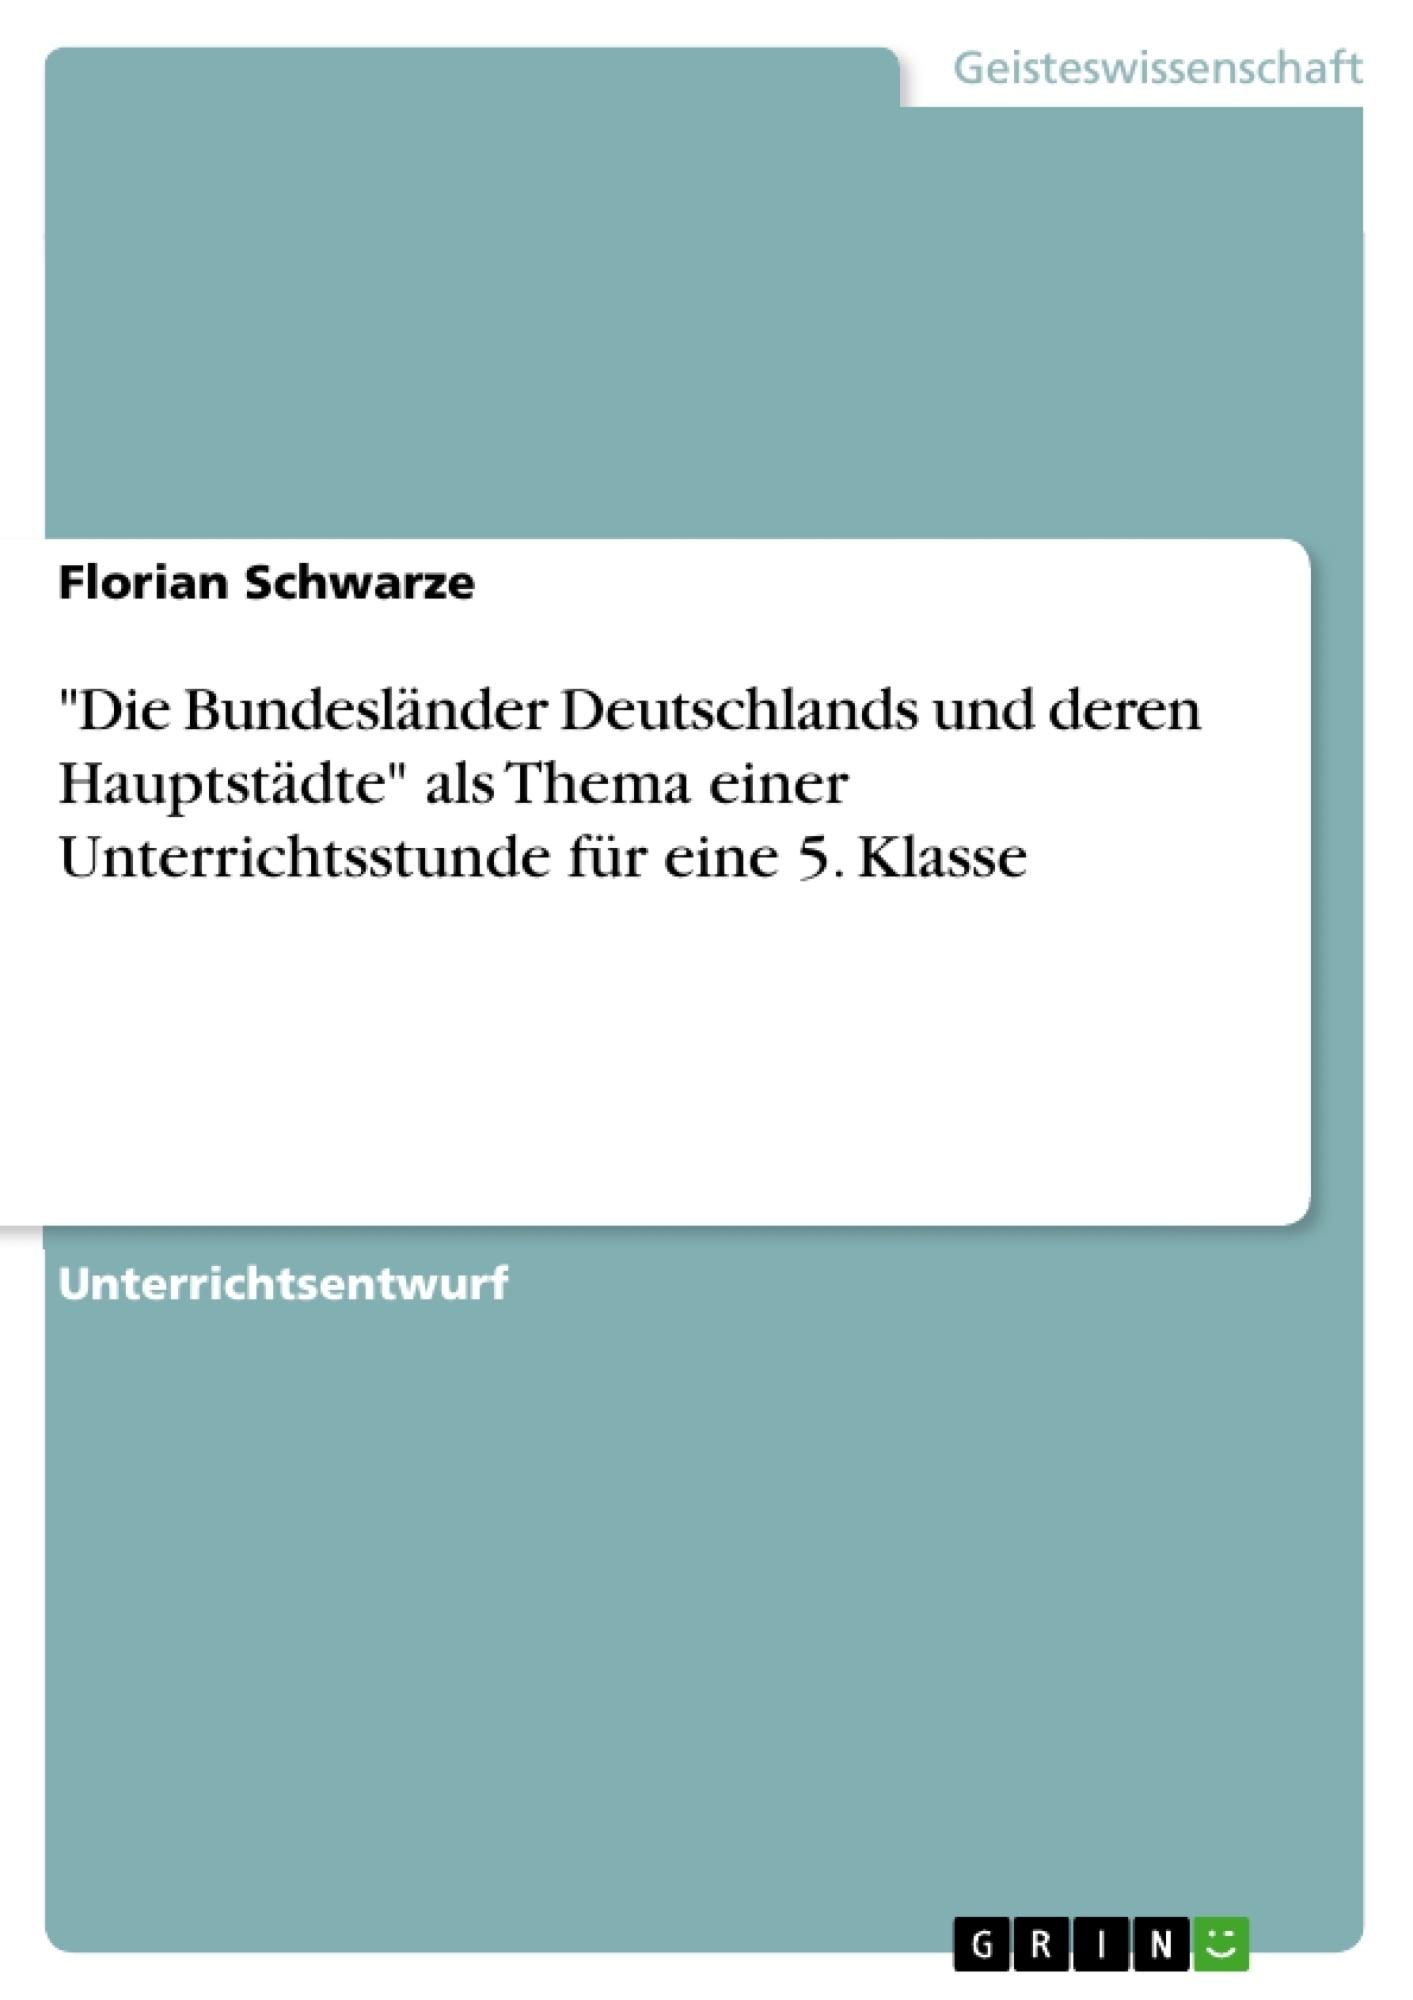 """Titel: """"Die Bundesländer Deutschlands und deren Hauptstädte"""" als Thema einer Unterrichtsstunde für eine 5. Klasse"""